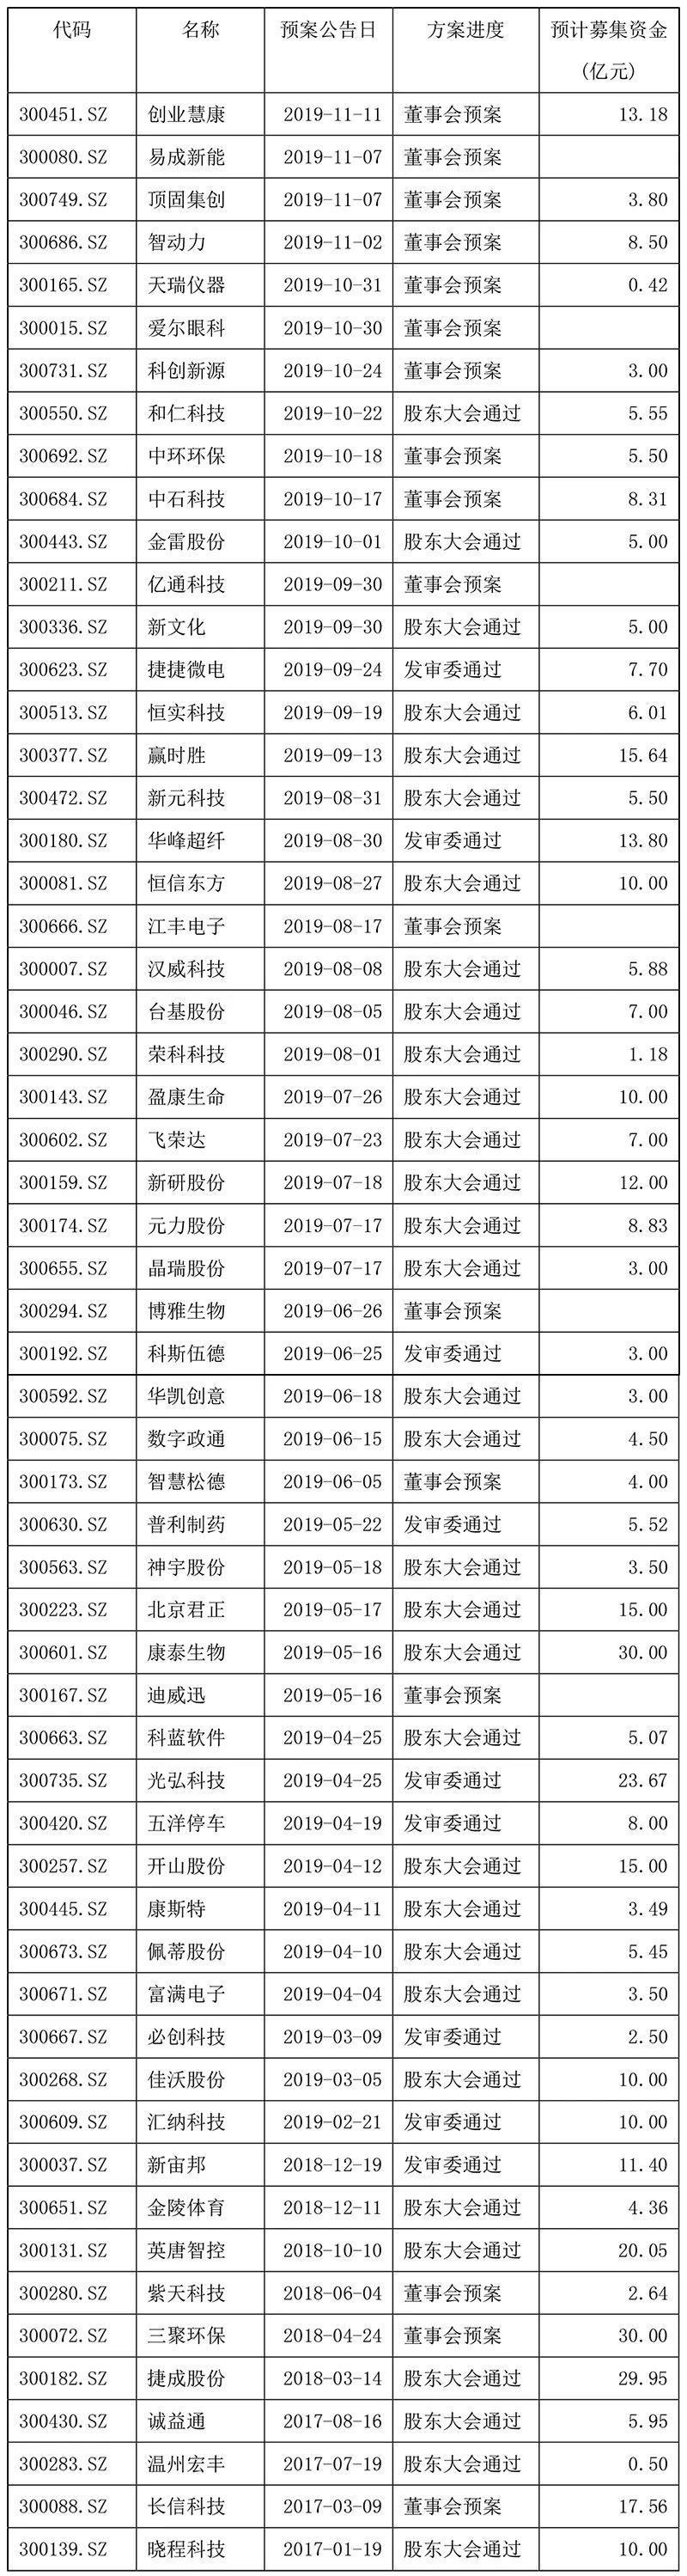 「斗鱼娱乐平台招商」999元起 小米米家冰箱明天发售 李明:预约人数实在火爆